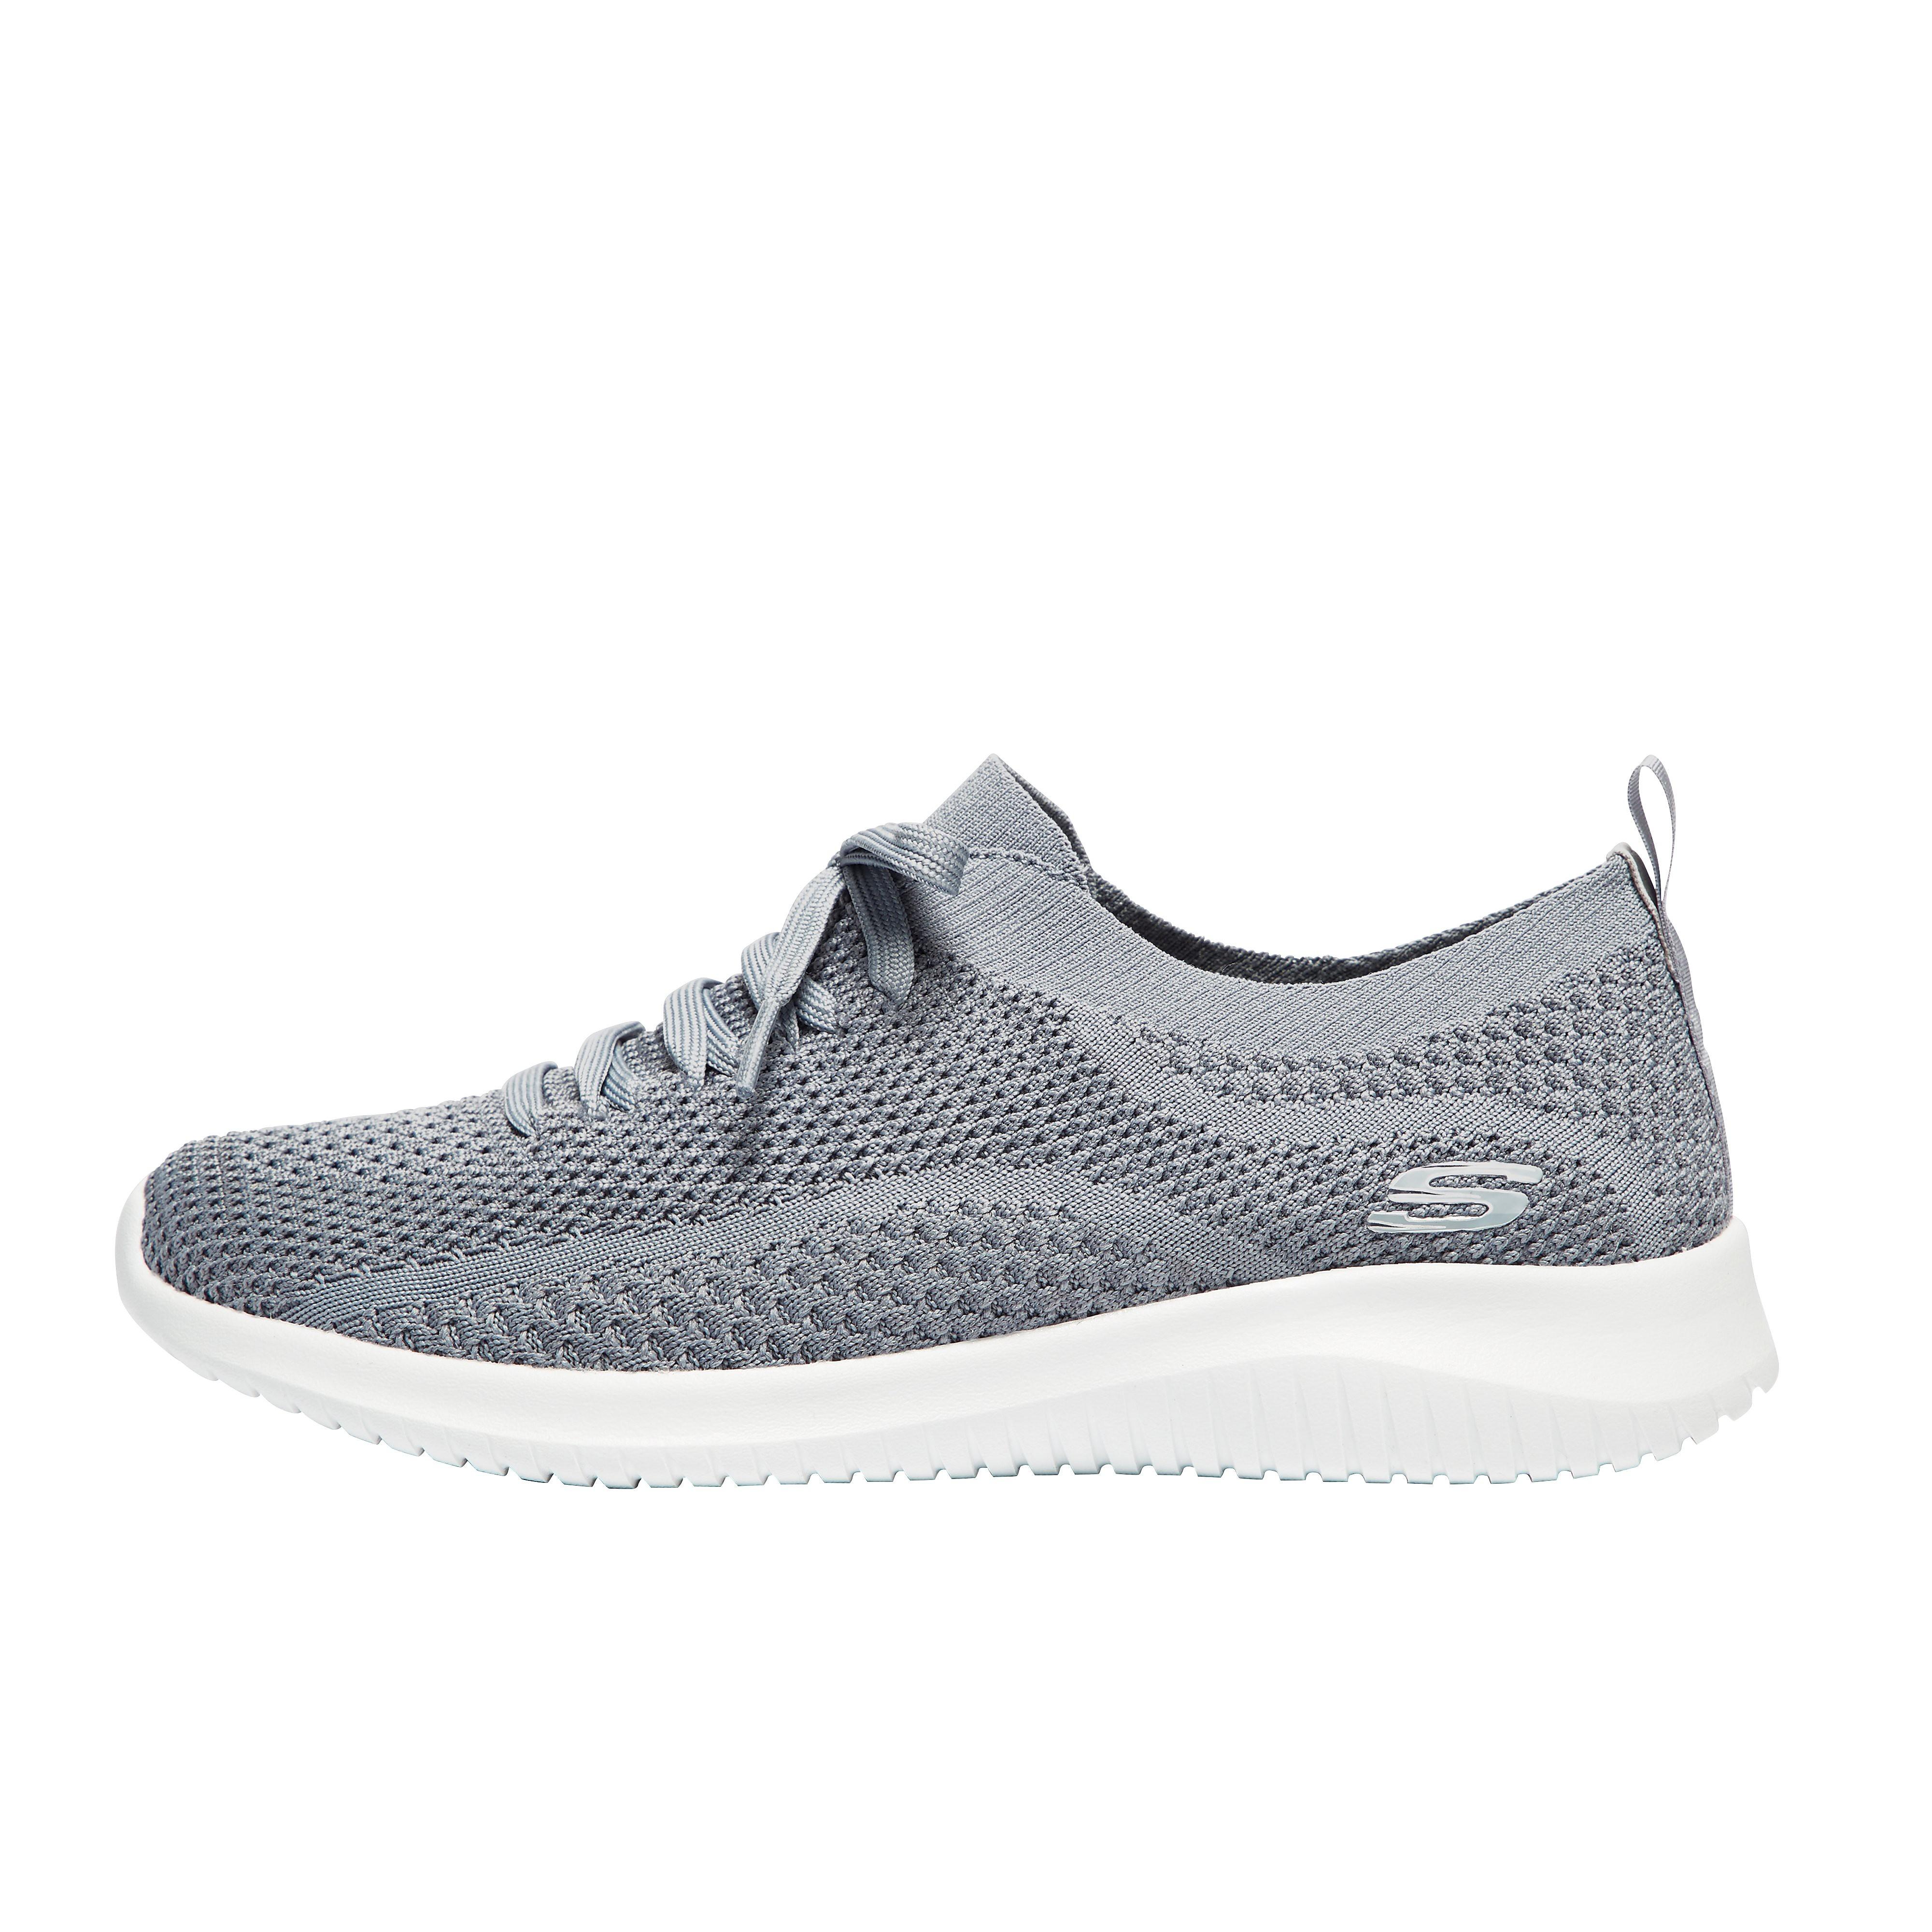 Skechers Ultra Flex Statements Women's Training Shoes